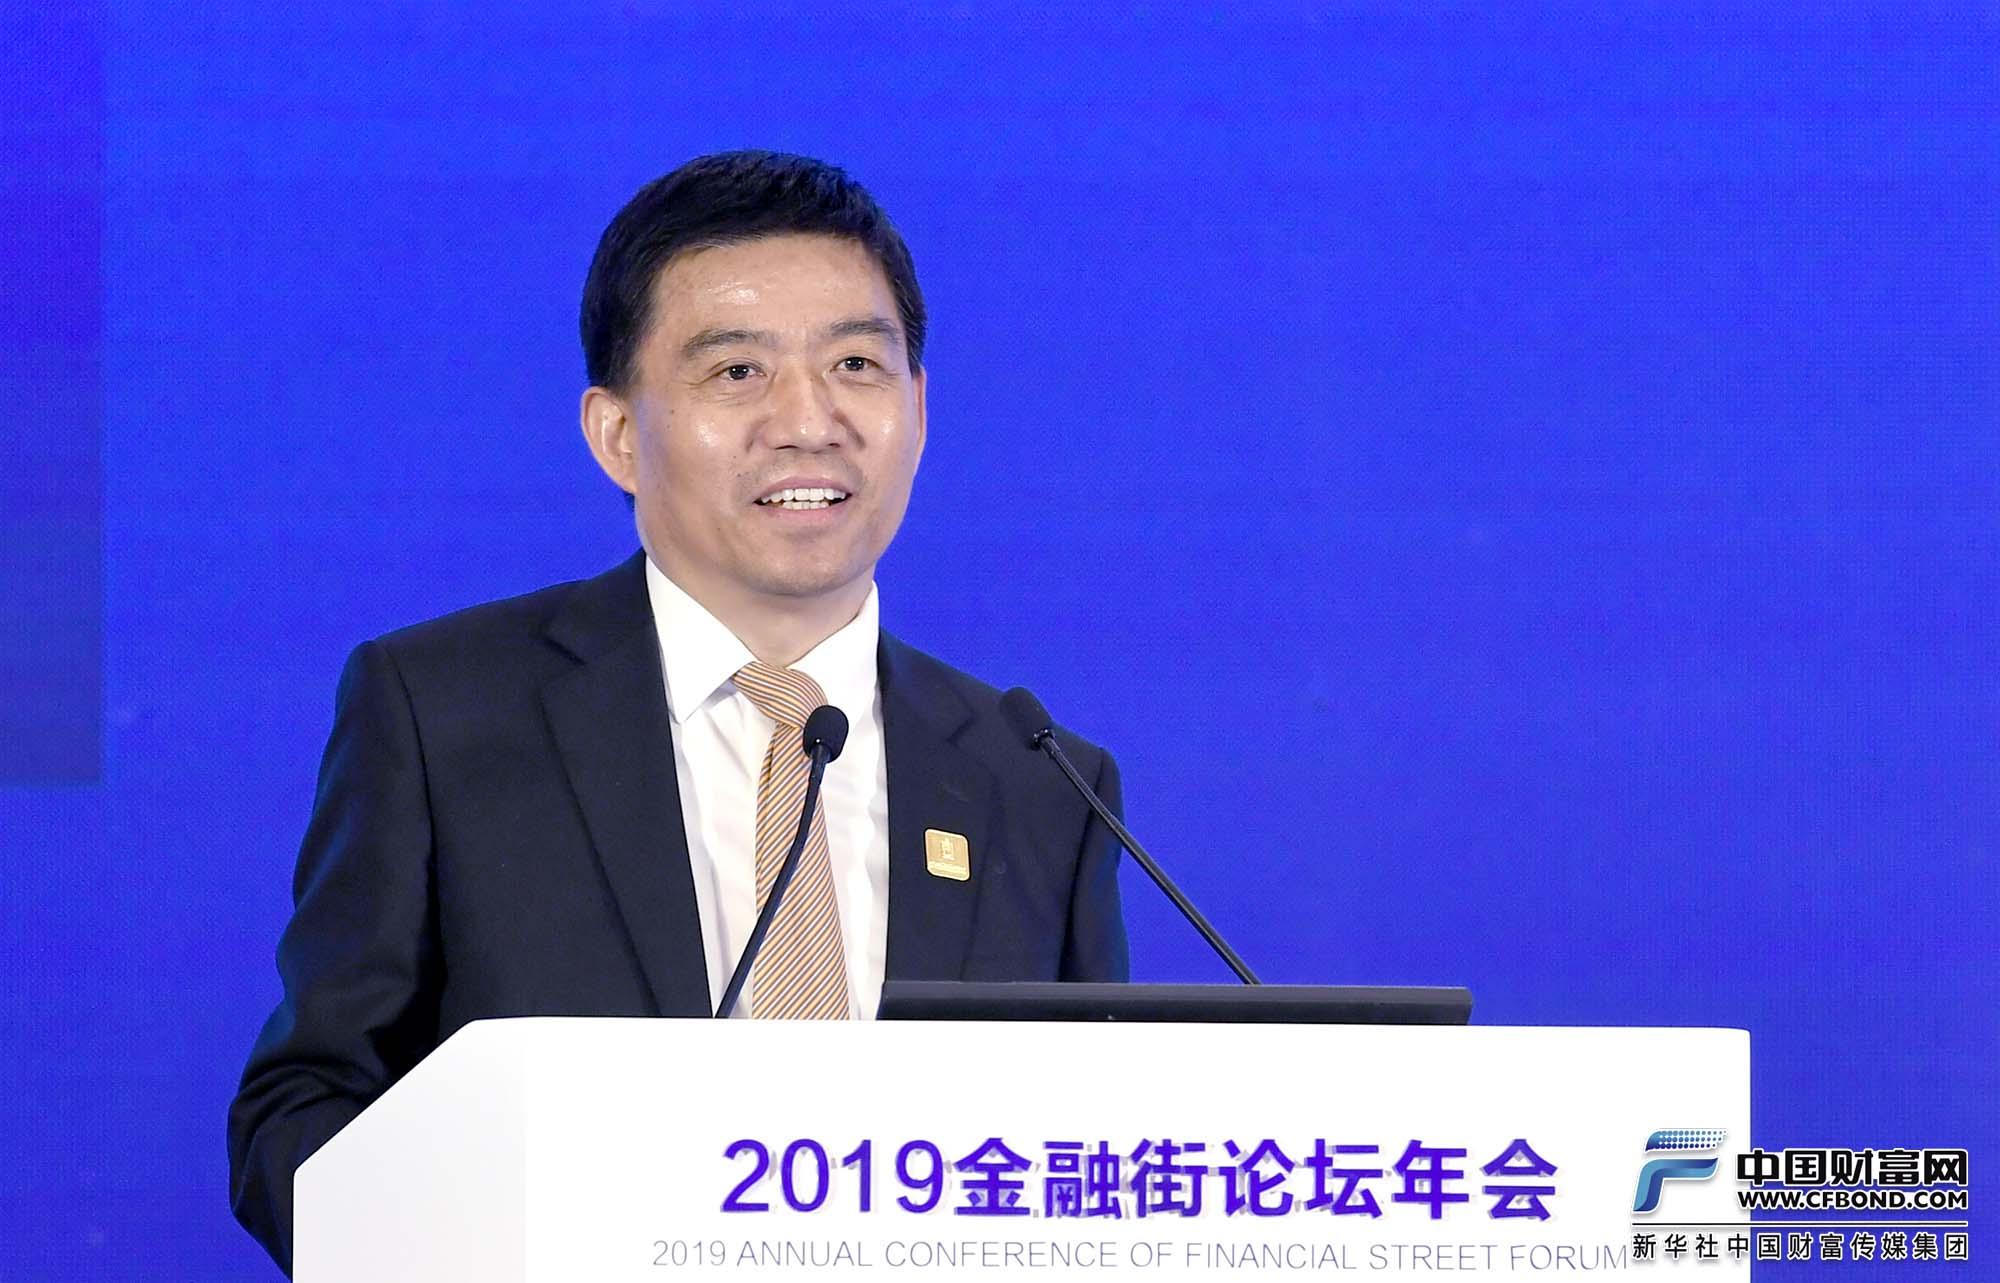 全国中小企业股份转让系统有限责任公司总经理徐明